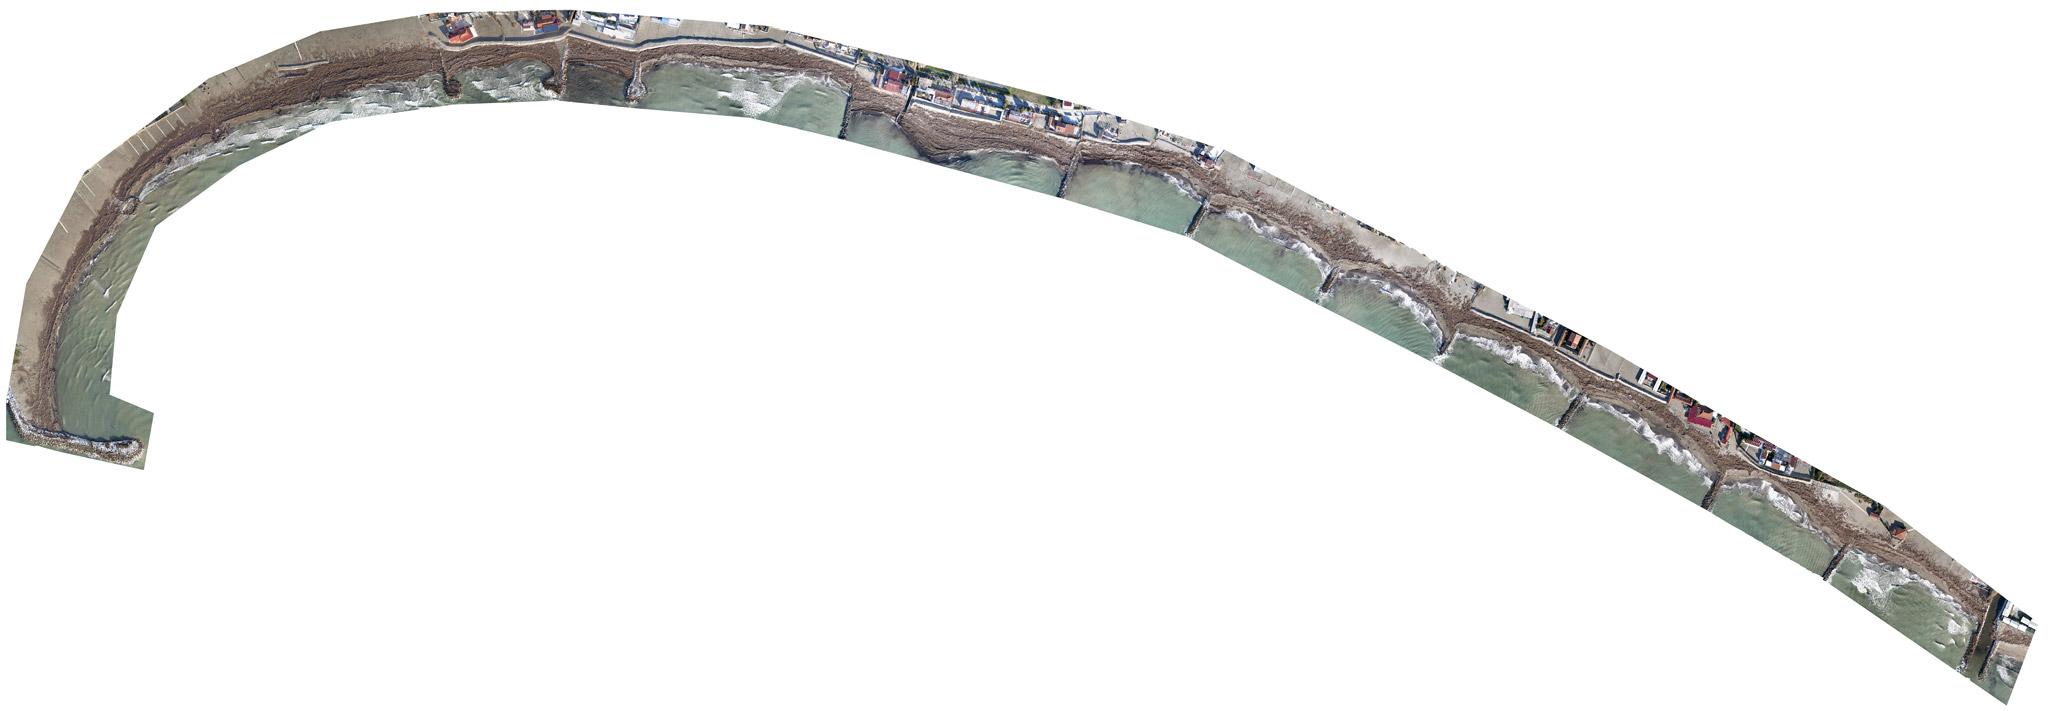 Immagine di ortofoto realizzata con APR e aerofotogrammetria lungo litorale sabbioso alla foce del fiume Magra